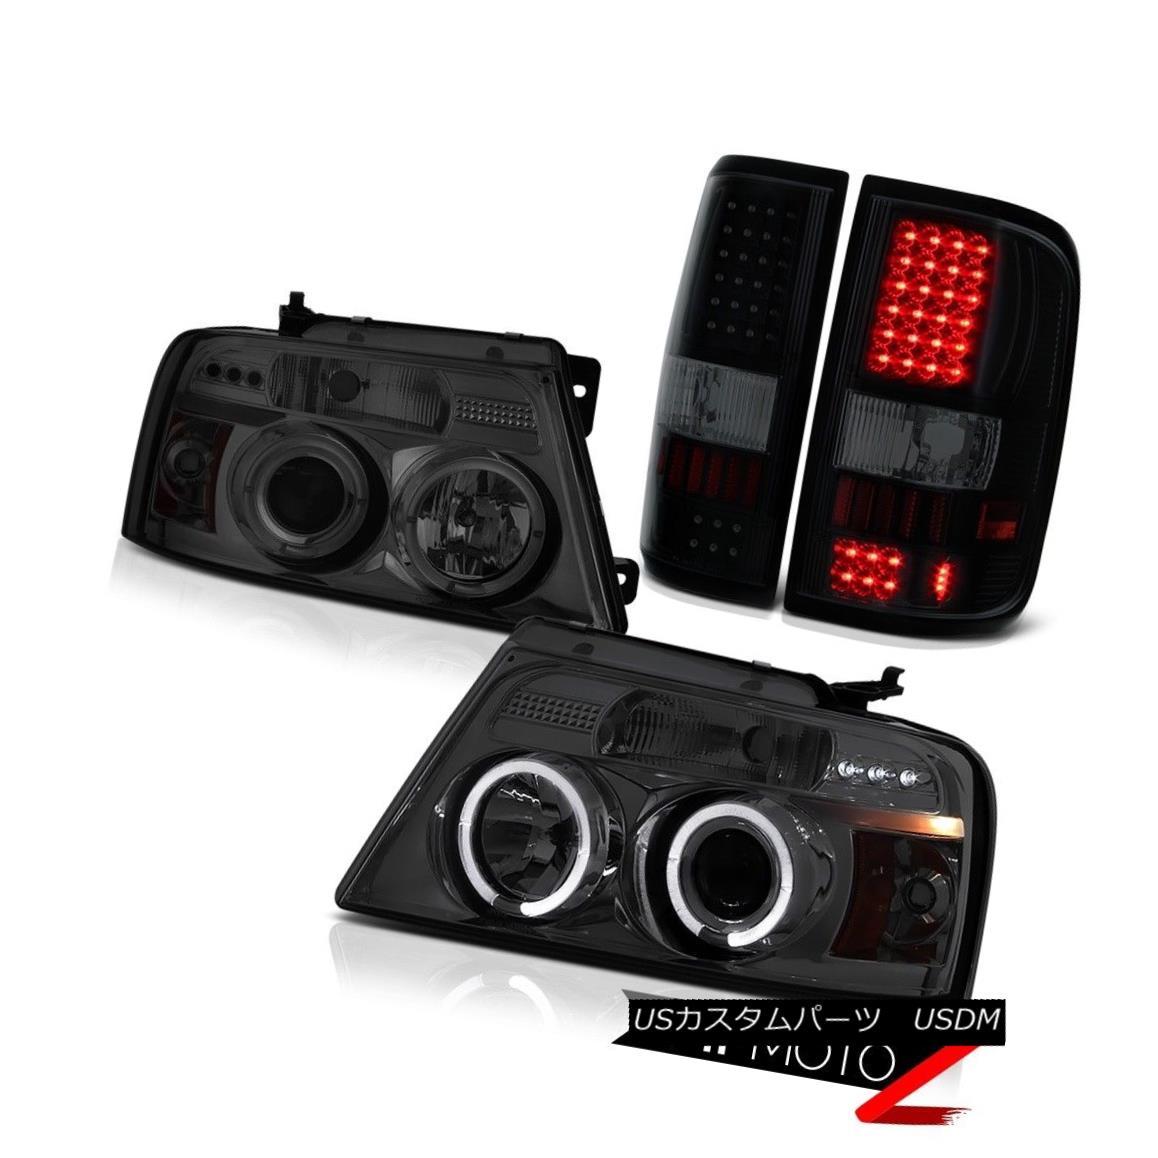 ヘッドライト 04 05 06 07 08 Ford F150 XL Sinister Black Taillamps Titanium Smoke Headlights 04 05 06 07 08フォードF150 XLシニスターブラックタイランプチタンスモークヘッドライト